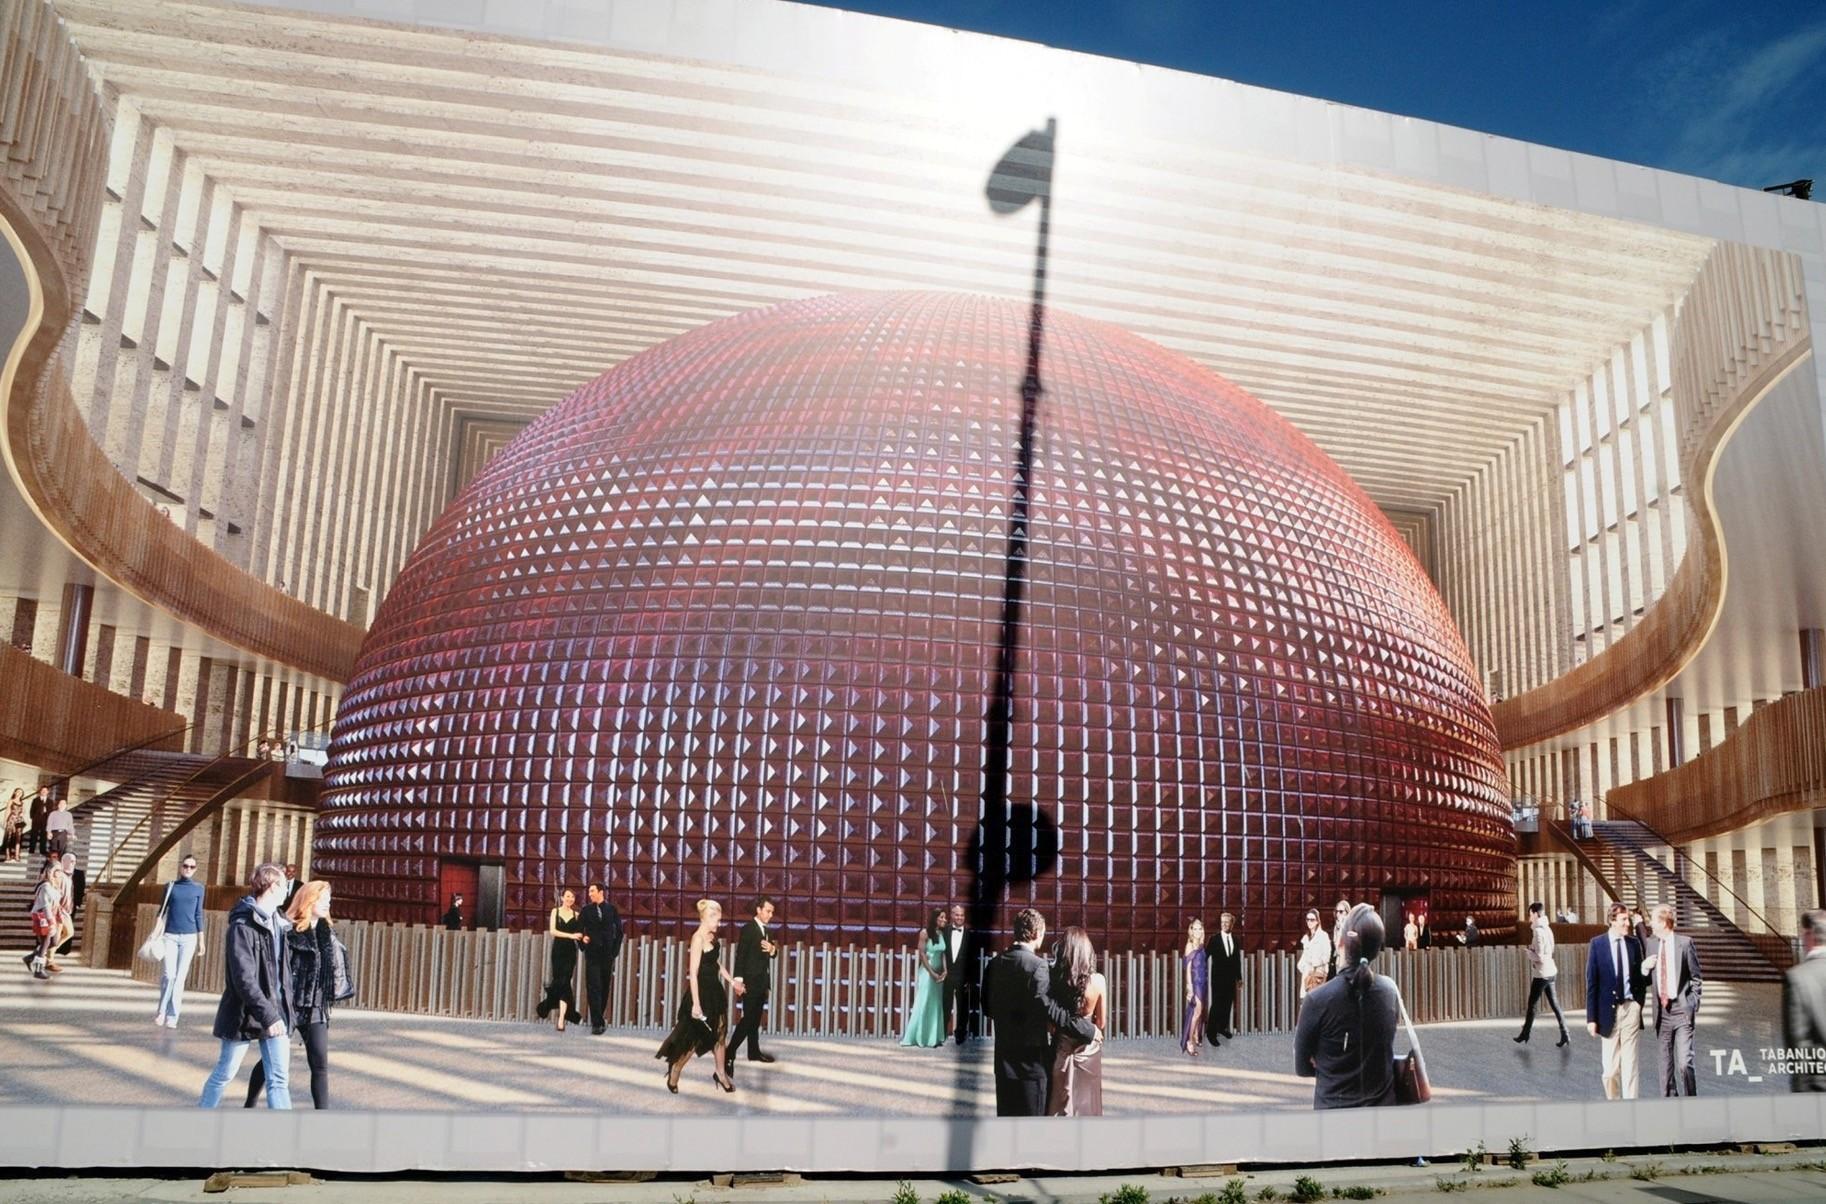 A rendering of the Atatu00fcrk Cultural Center.